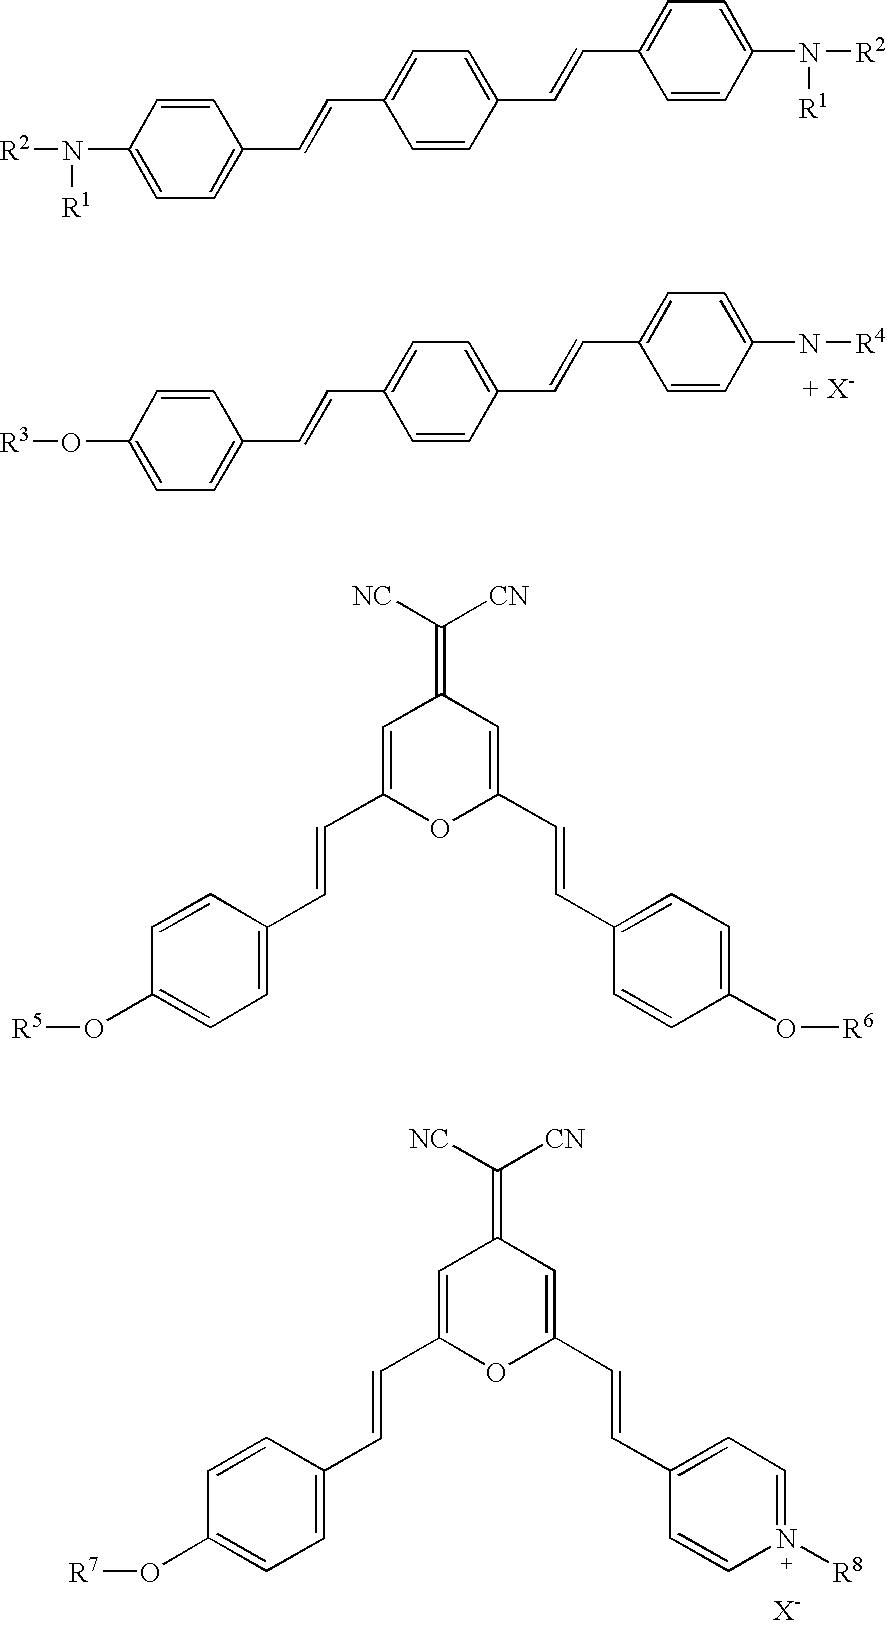 Figure US20040224372A1-20041111-C00001